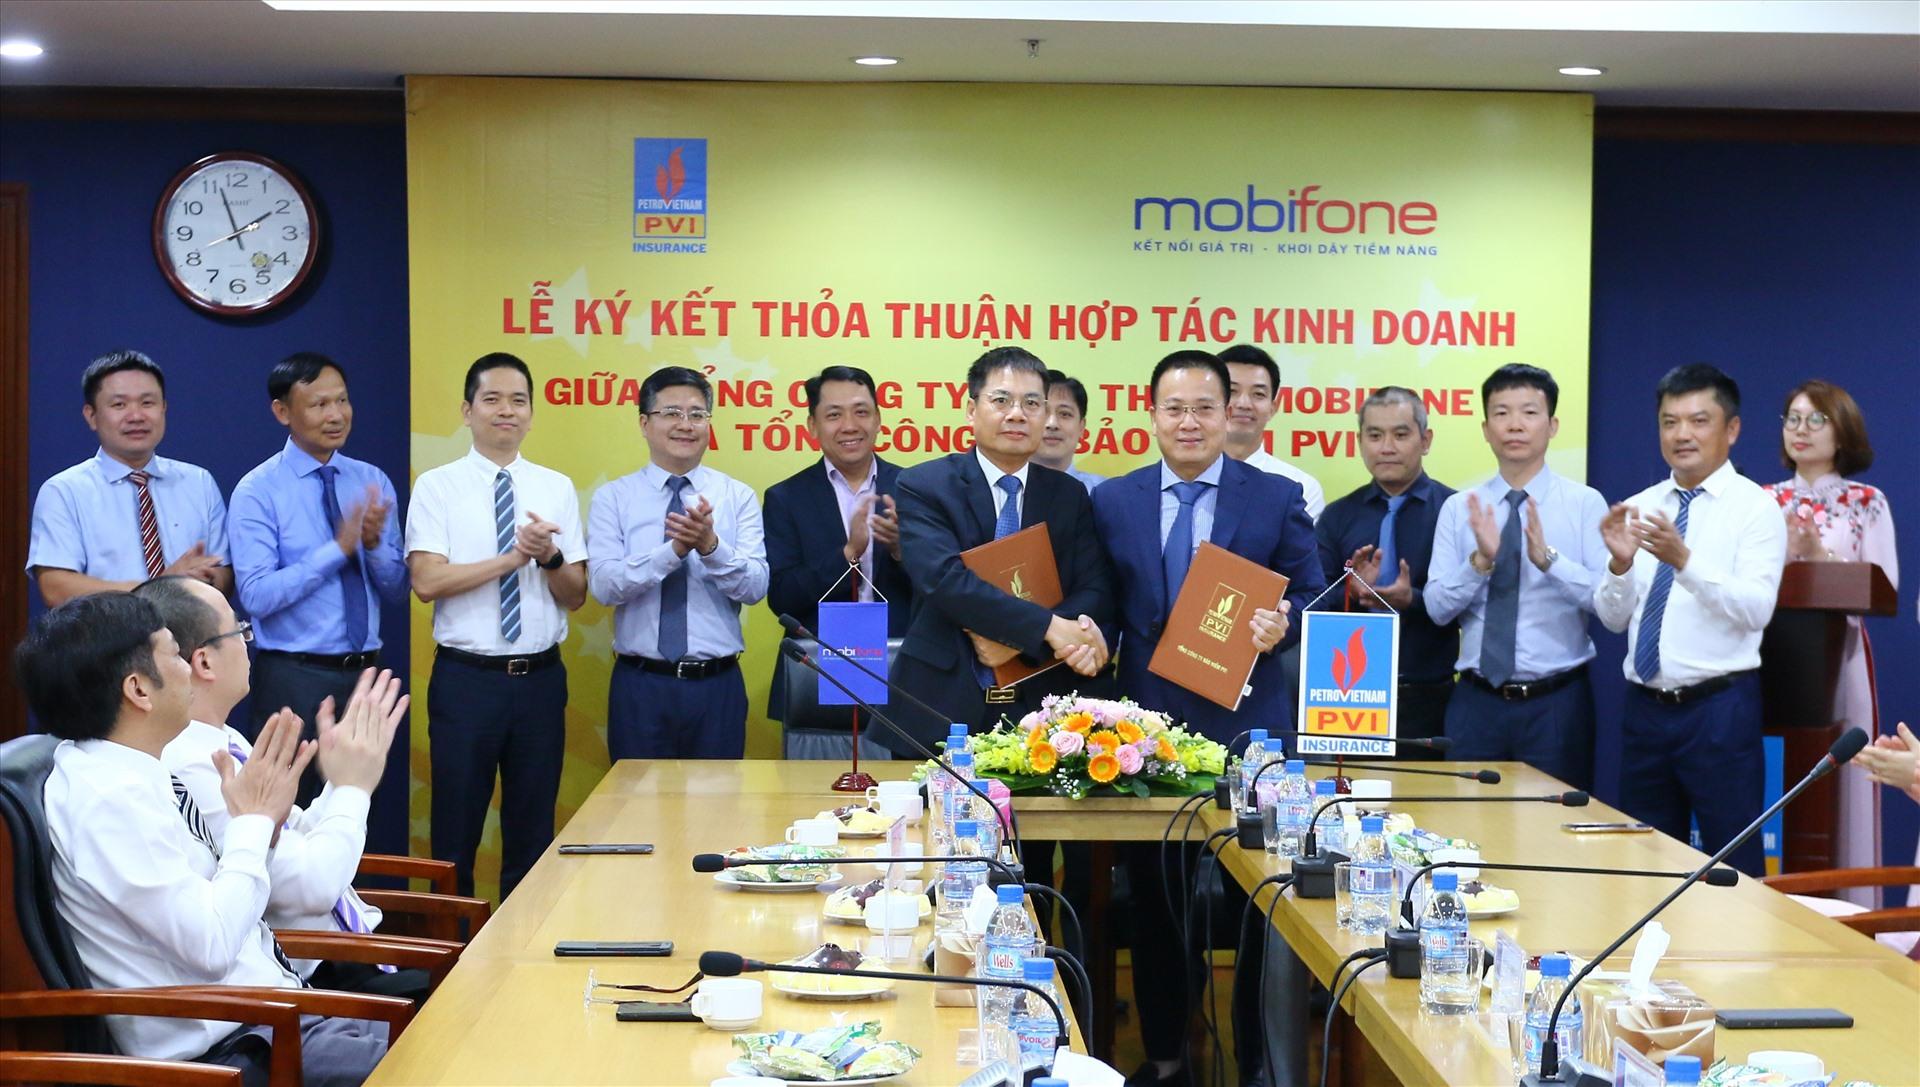 Ký kết thỏa thuận hợp tác kinh doanh giữa Bảo hiểm PVI và MobiFone